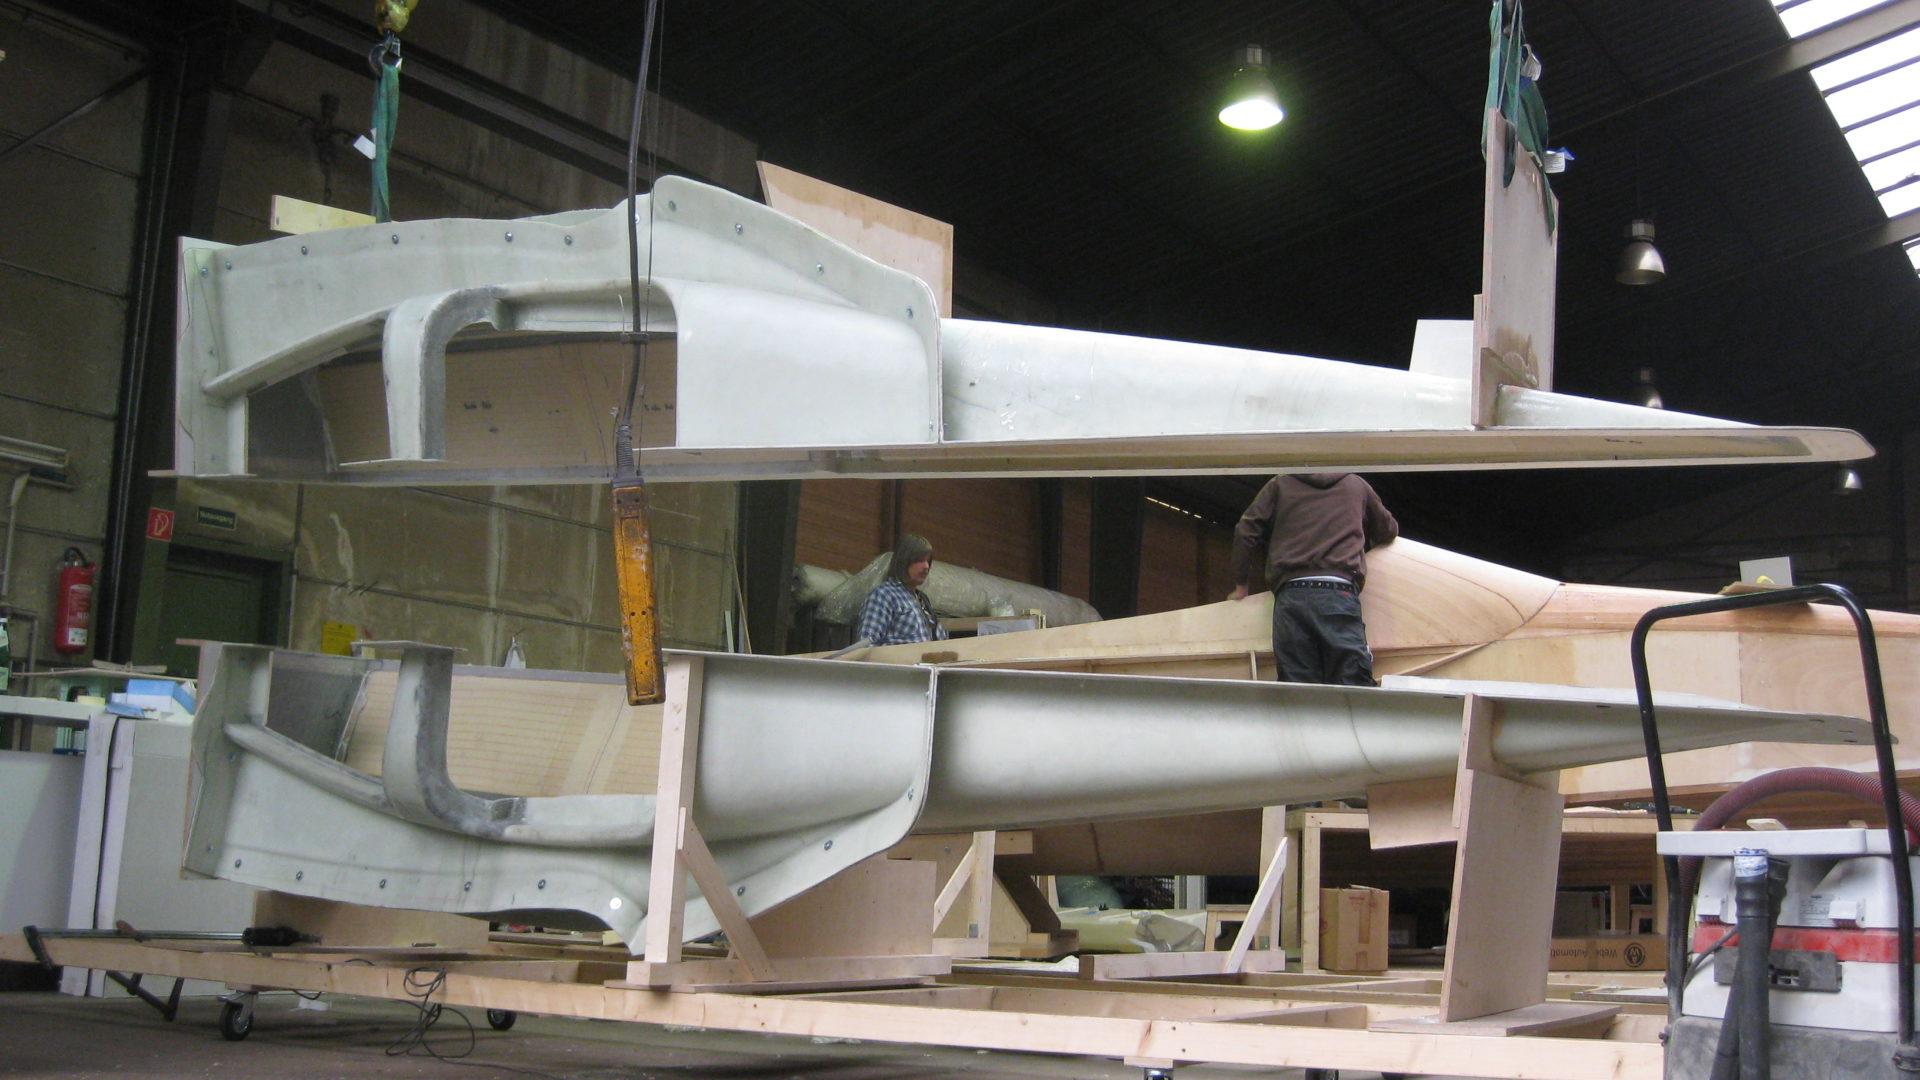 Produktion eines Bootes von FELLERyachting in einer Werkhalle.